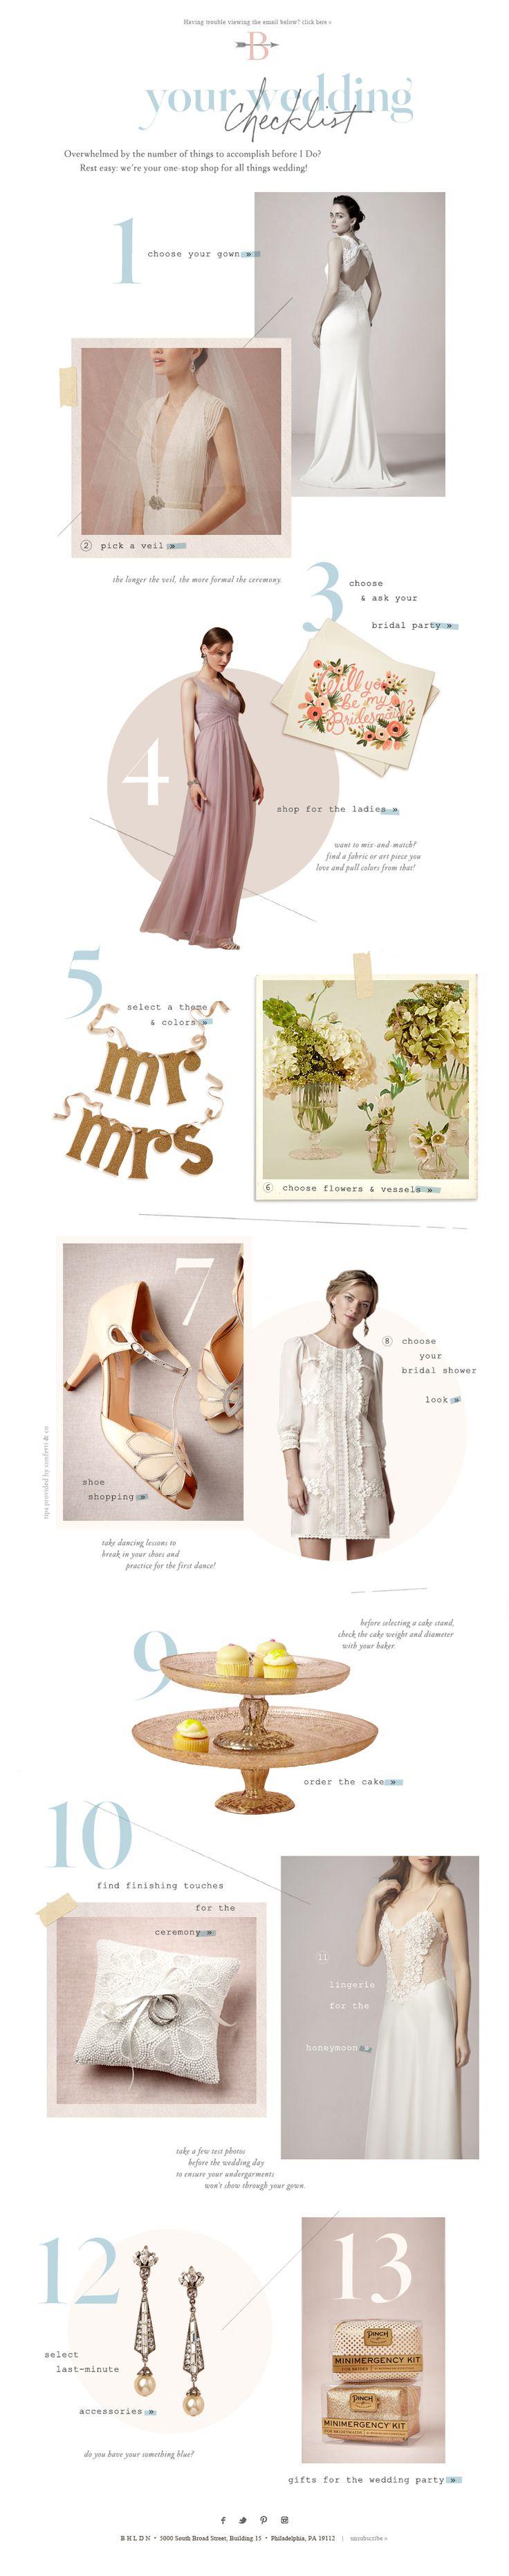 BHLDN   Anthropologie Weddings   Wedding Checklist   December 2013   Design   Email   Editorial